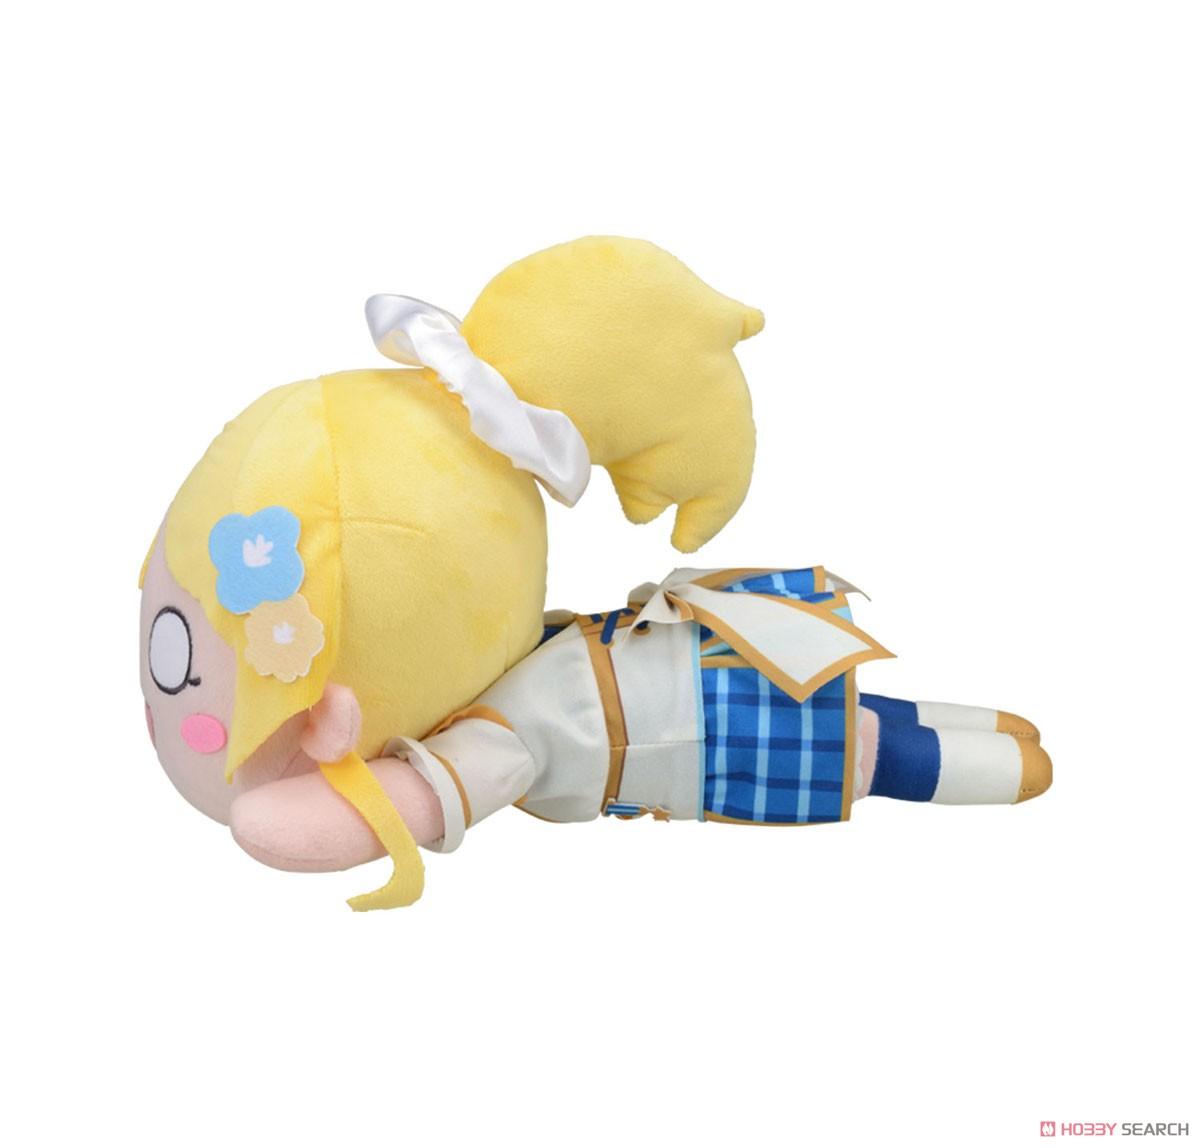 ラブライブ! スクールアイドルフェスティバル ALL STARS『矢澤にこ(M)』寝そべりぬいぐるみ-005